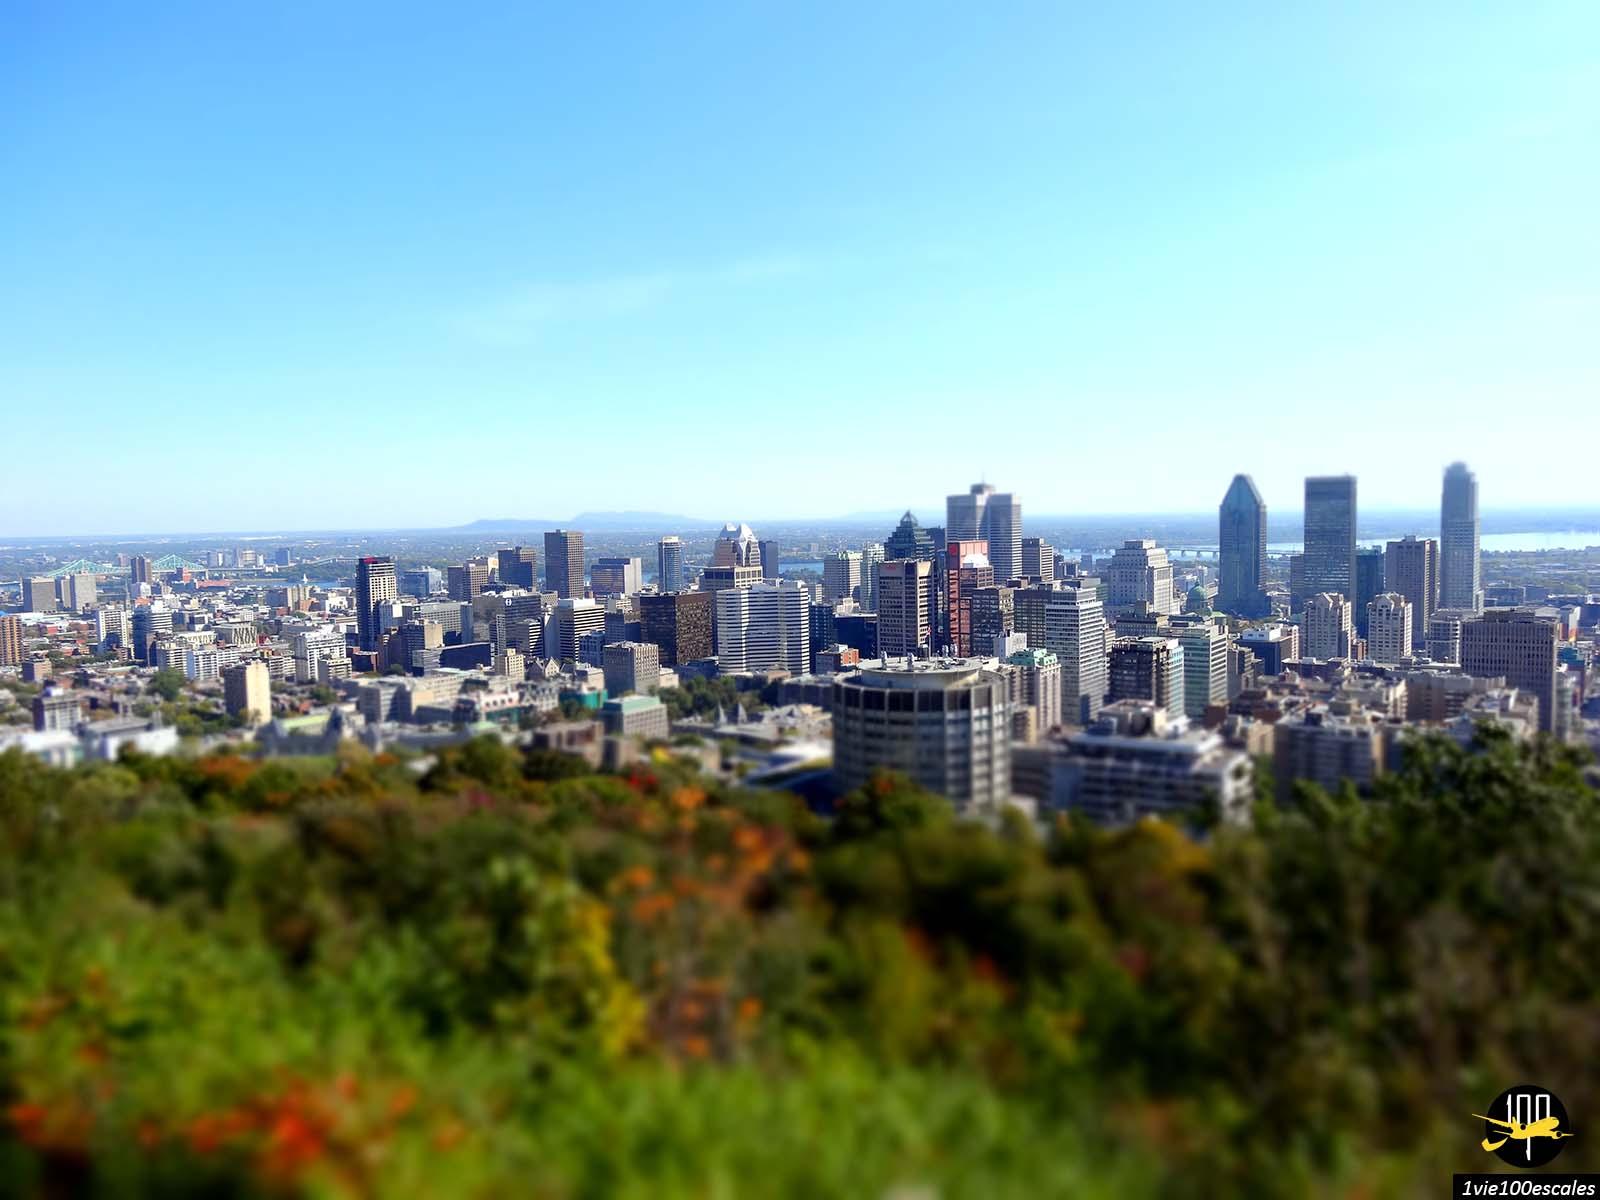 Escale #059 Montréal